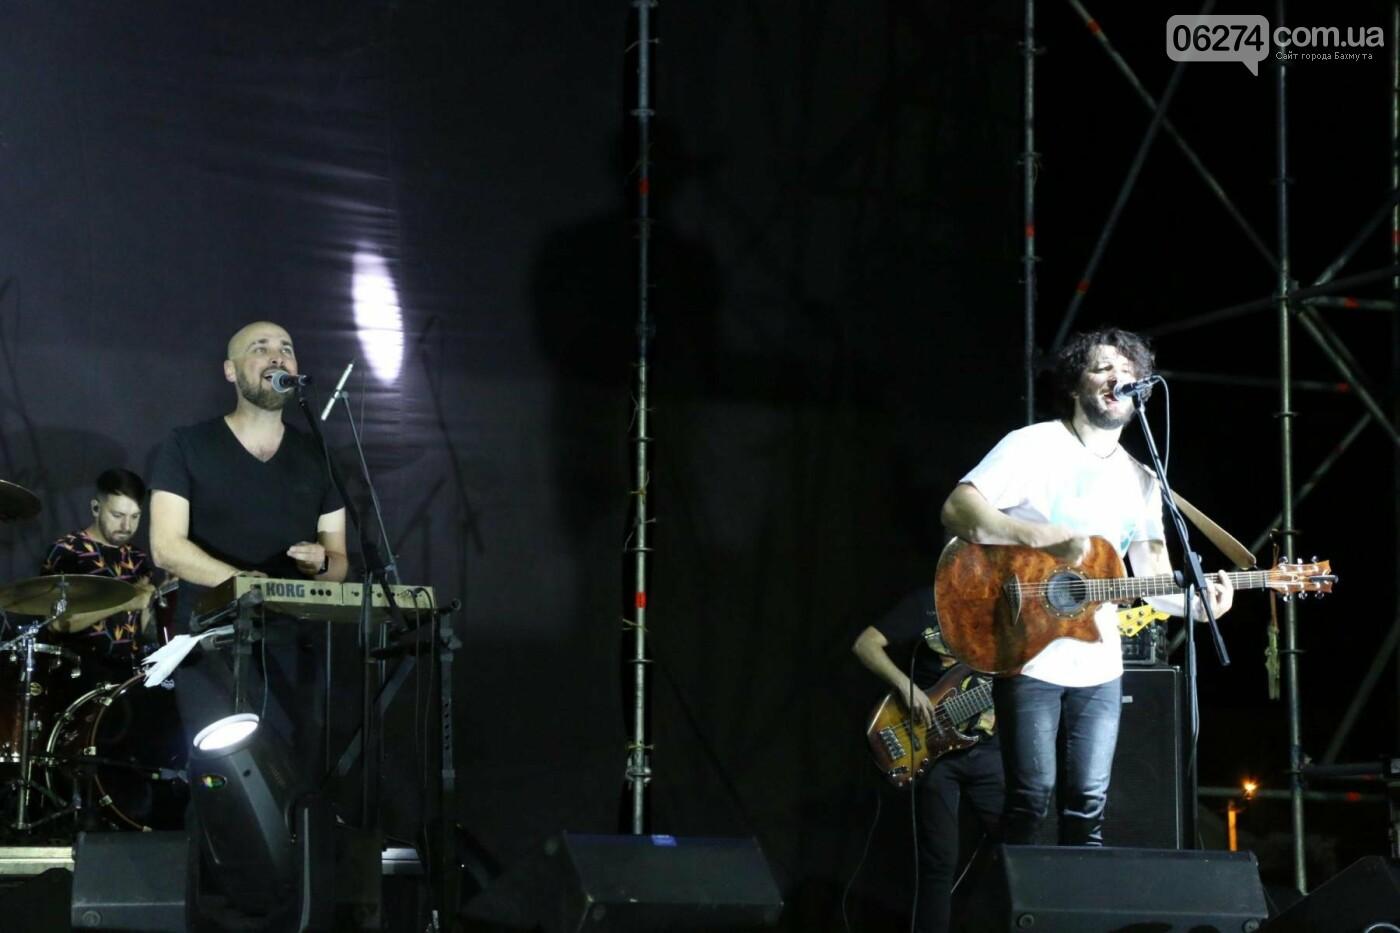 Ярким концертом завершился День города в Бахмуте (ФОТО), фото-24